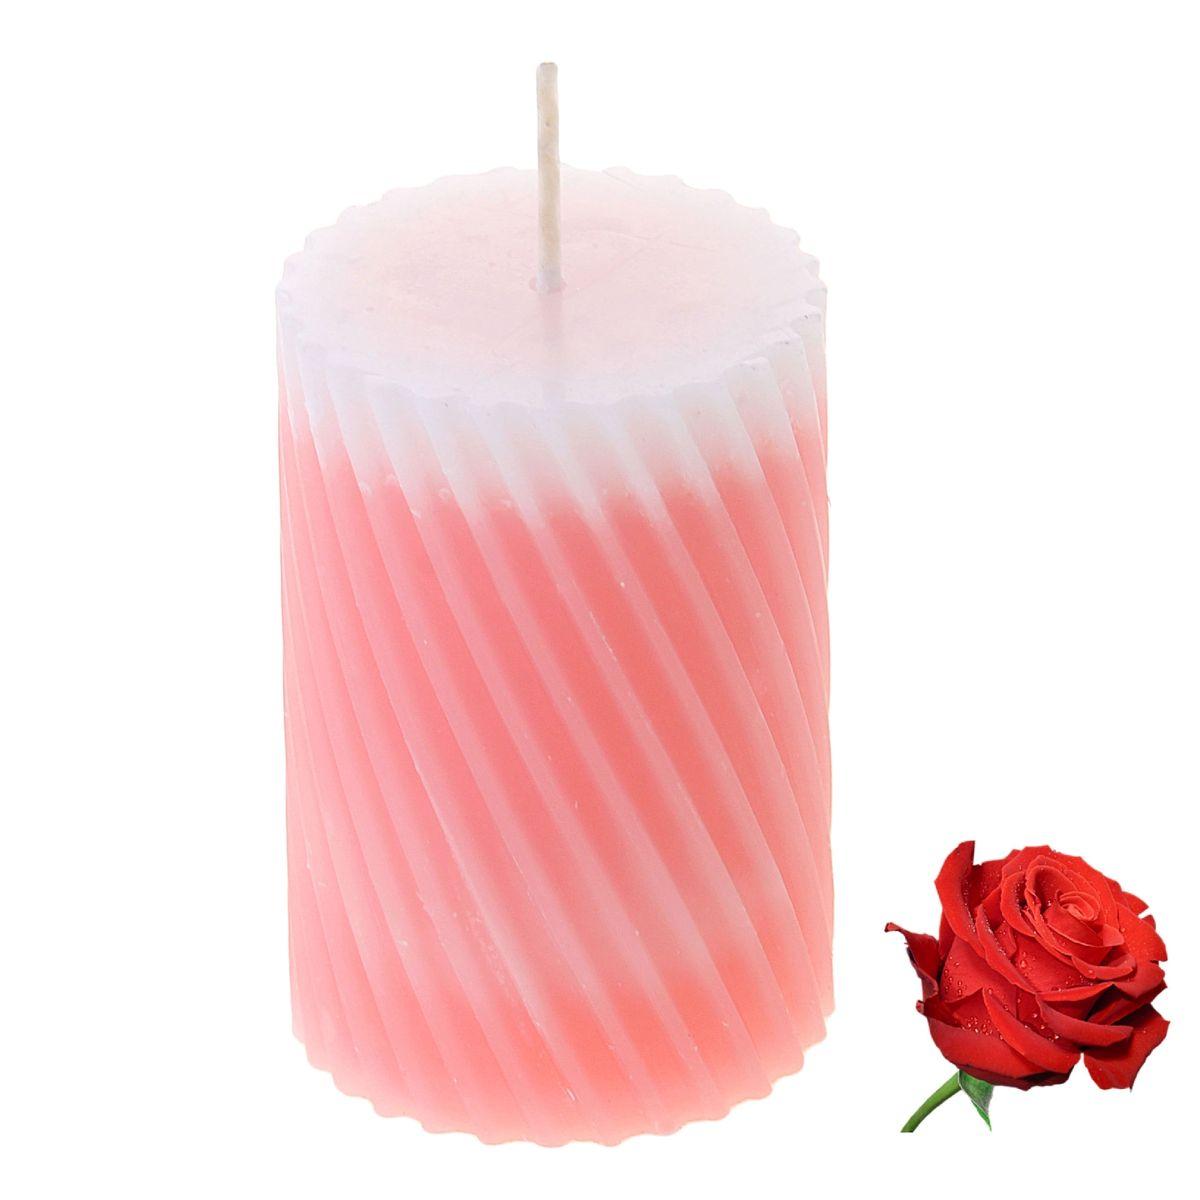 Свеча ароматизированная Sima-land Роза, высота 7,5 см. 84954041619Свеча Sima-land Роза выполнена из воска и оформлена резным рельефом. Свеча порадует ярким дизайном и нежным ароматом розы, который понравится как женщинам, так и мужчинам. Создайте для себя и своих близких незабываемую атмосферу праздника в доме. Ароматическая свеча Sima-land Роза раскрасит серые будни яркими красками.